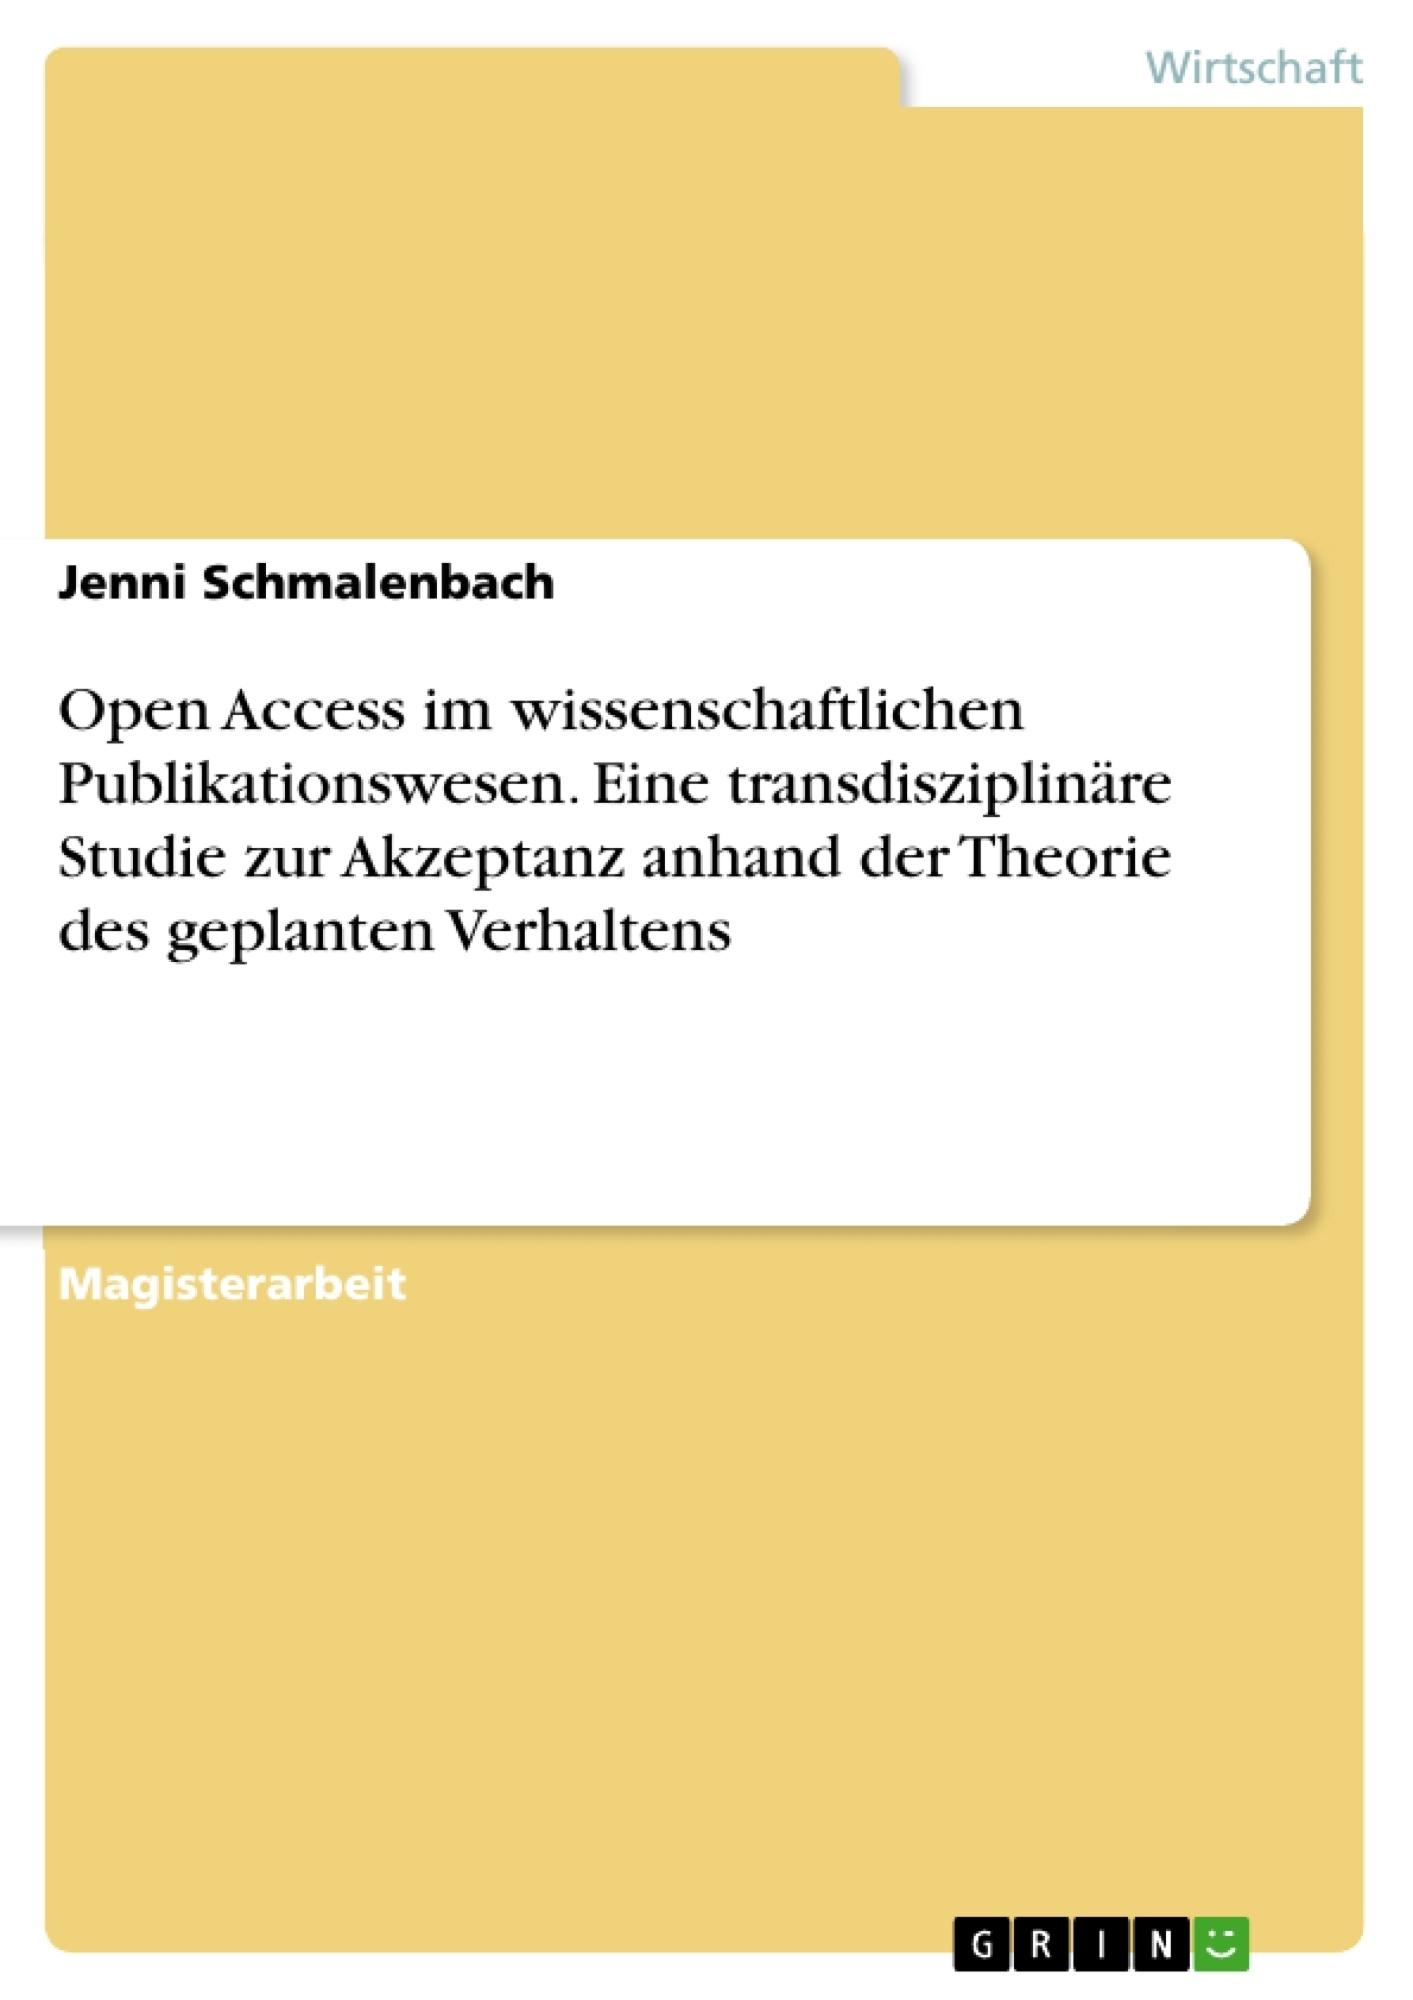 Titel: Open Access im wissenschaftlichen Publikationswesen. Eine transdisziplinäre Studie zur Akzeptanz anhand der Theorie des geplanten Verhaltens